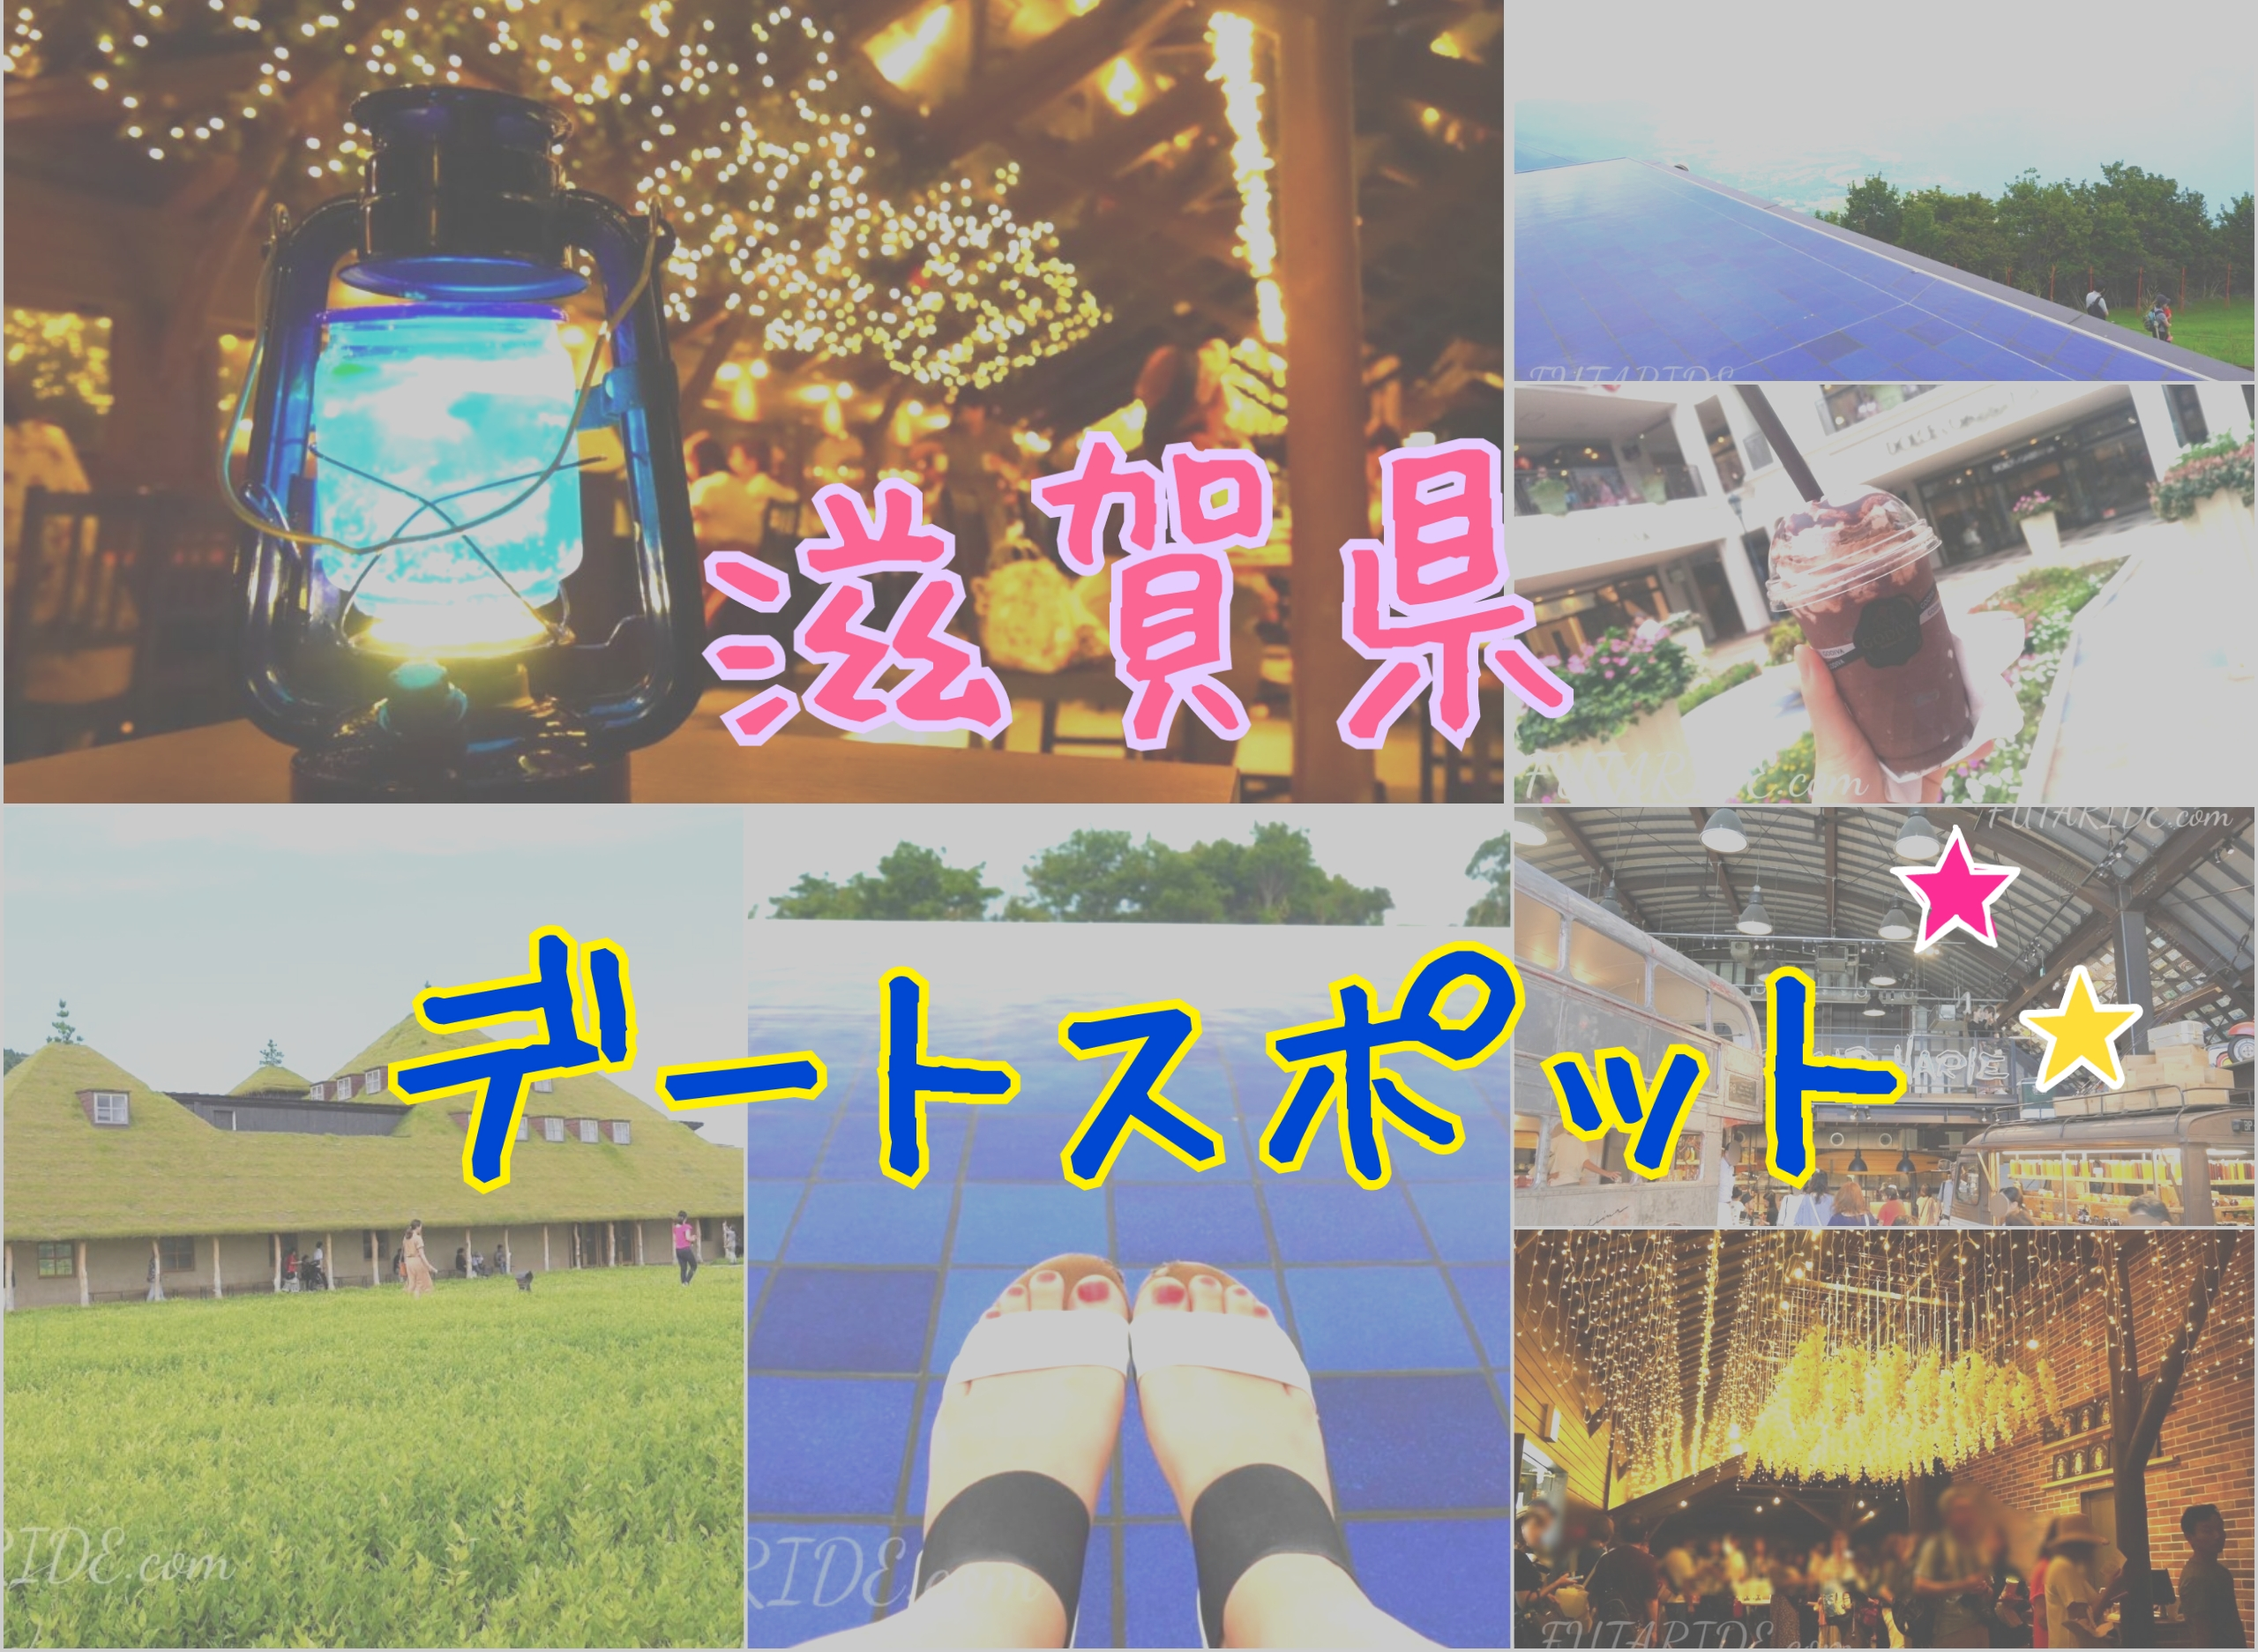 【滋賀県デート】名古屋から日帰り!滋賀県おすすめデートスポット